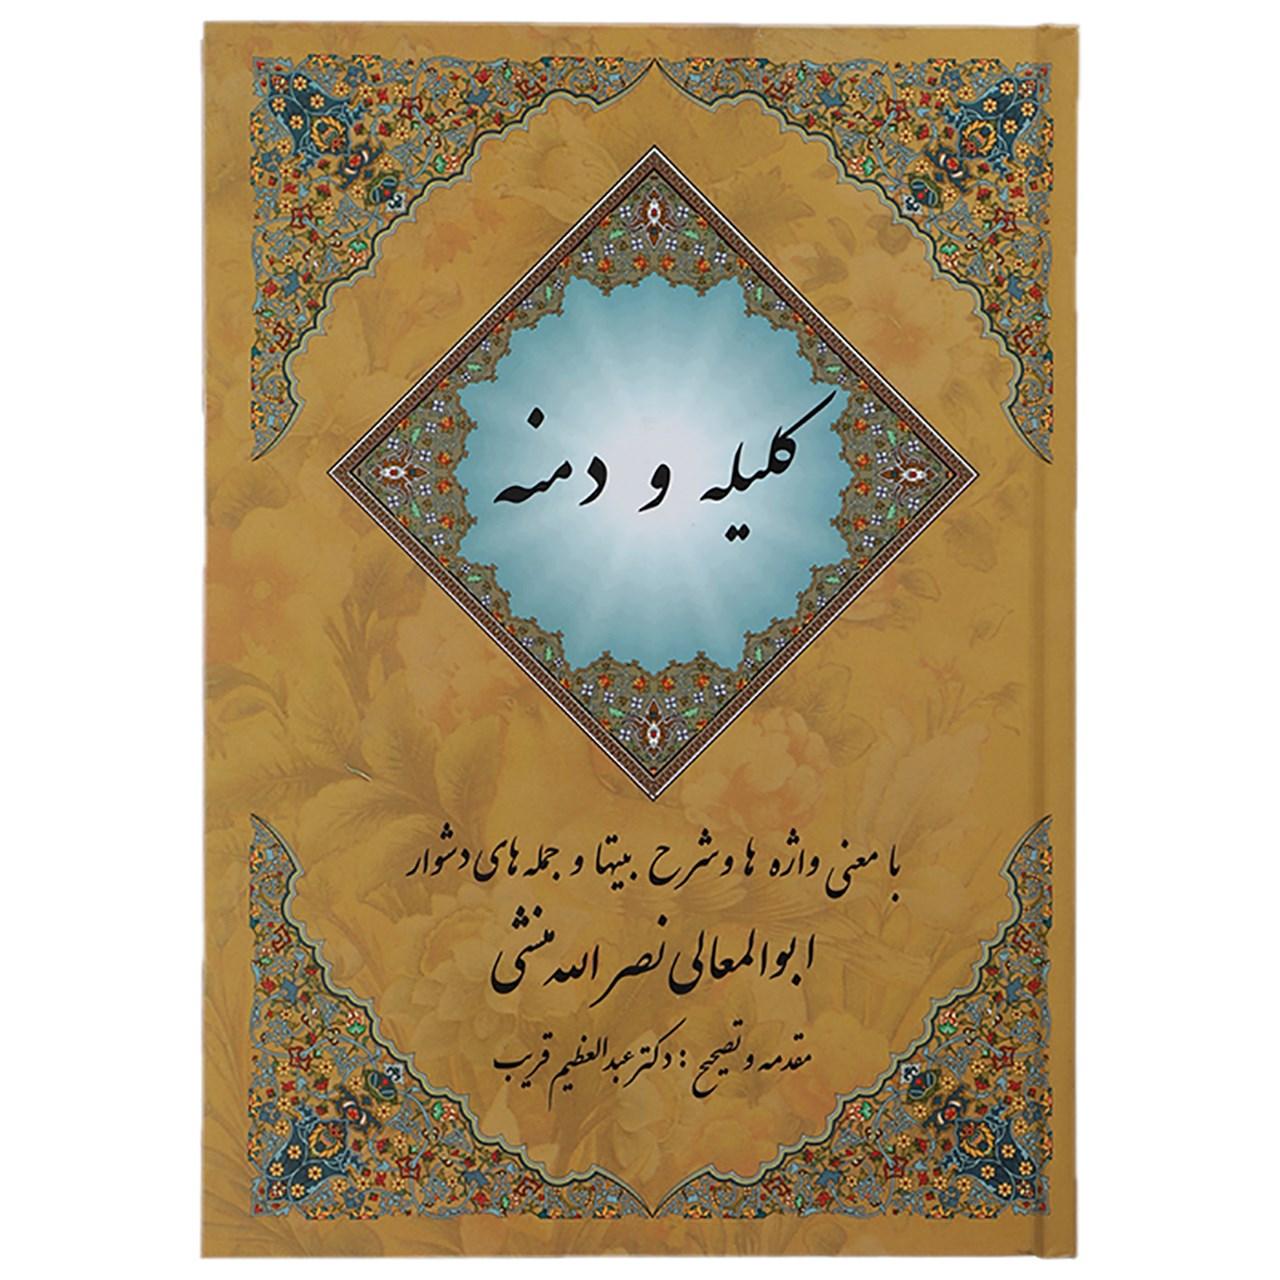 کتاب کلیله و دمنه  اثر ابوالمعالی نصرالله منشی